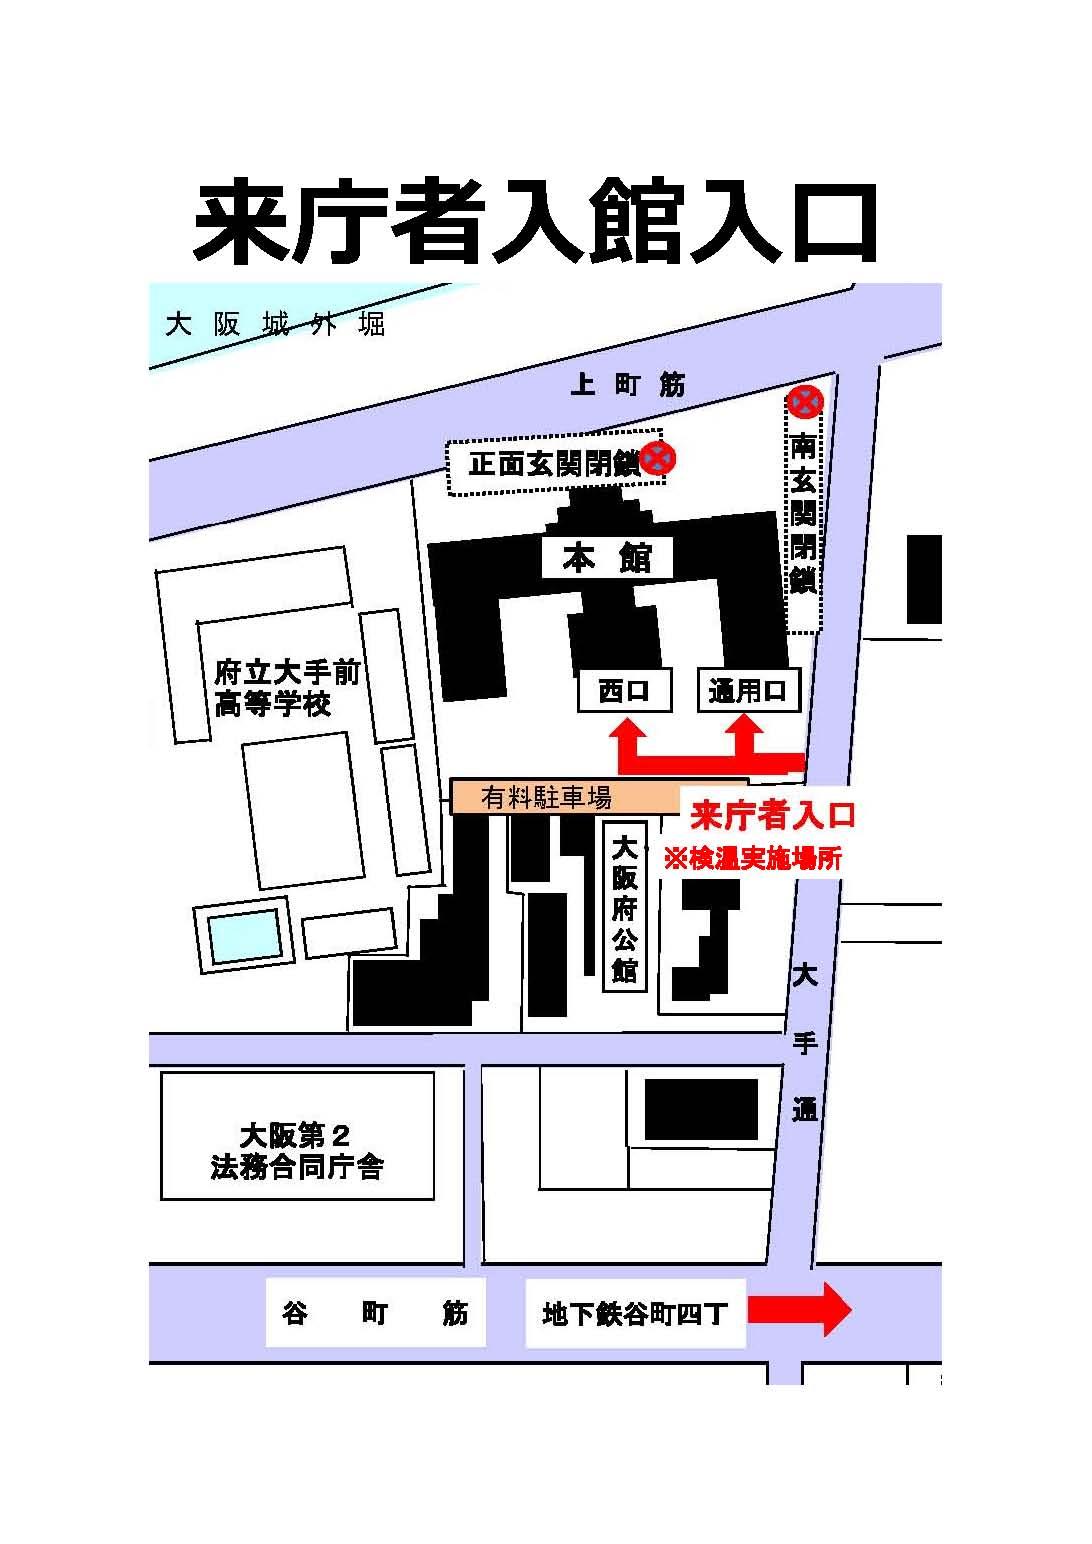 大阪府庁舎本館における入館時の検温の実施について